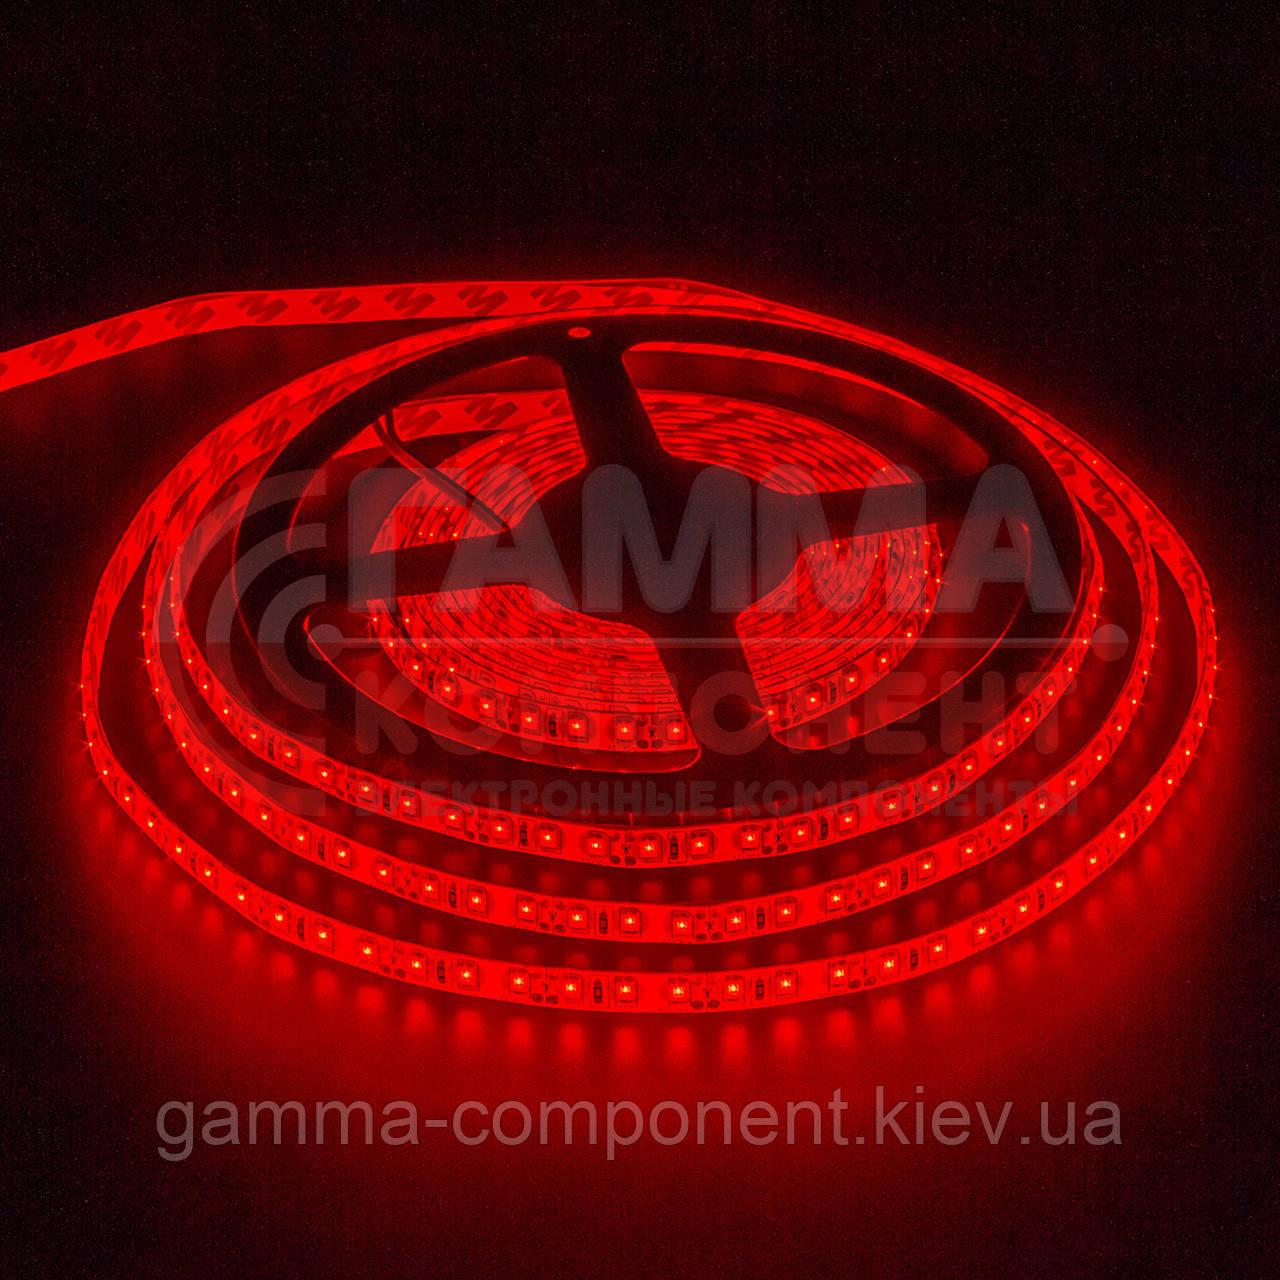 Светодиодная лента SMD 2835 (120 LED/м), красный, IP65, 12В - бобины от 5 метров